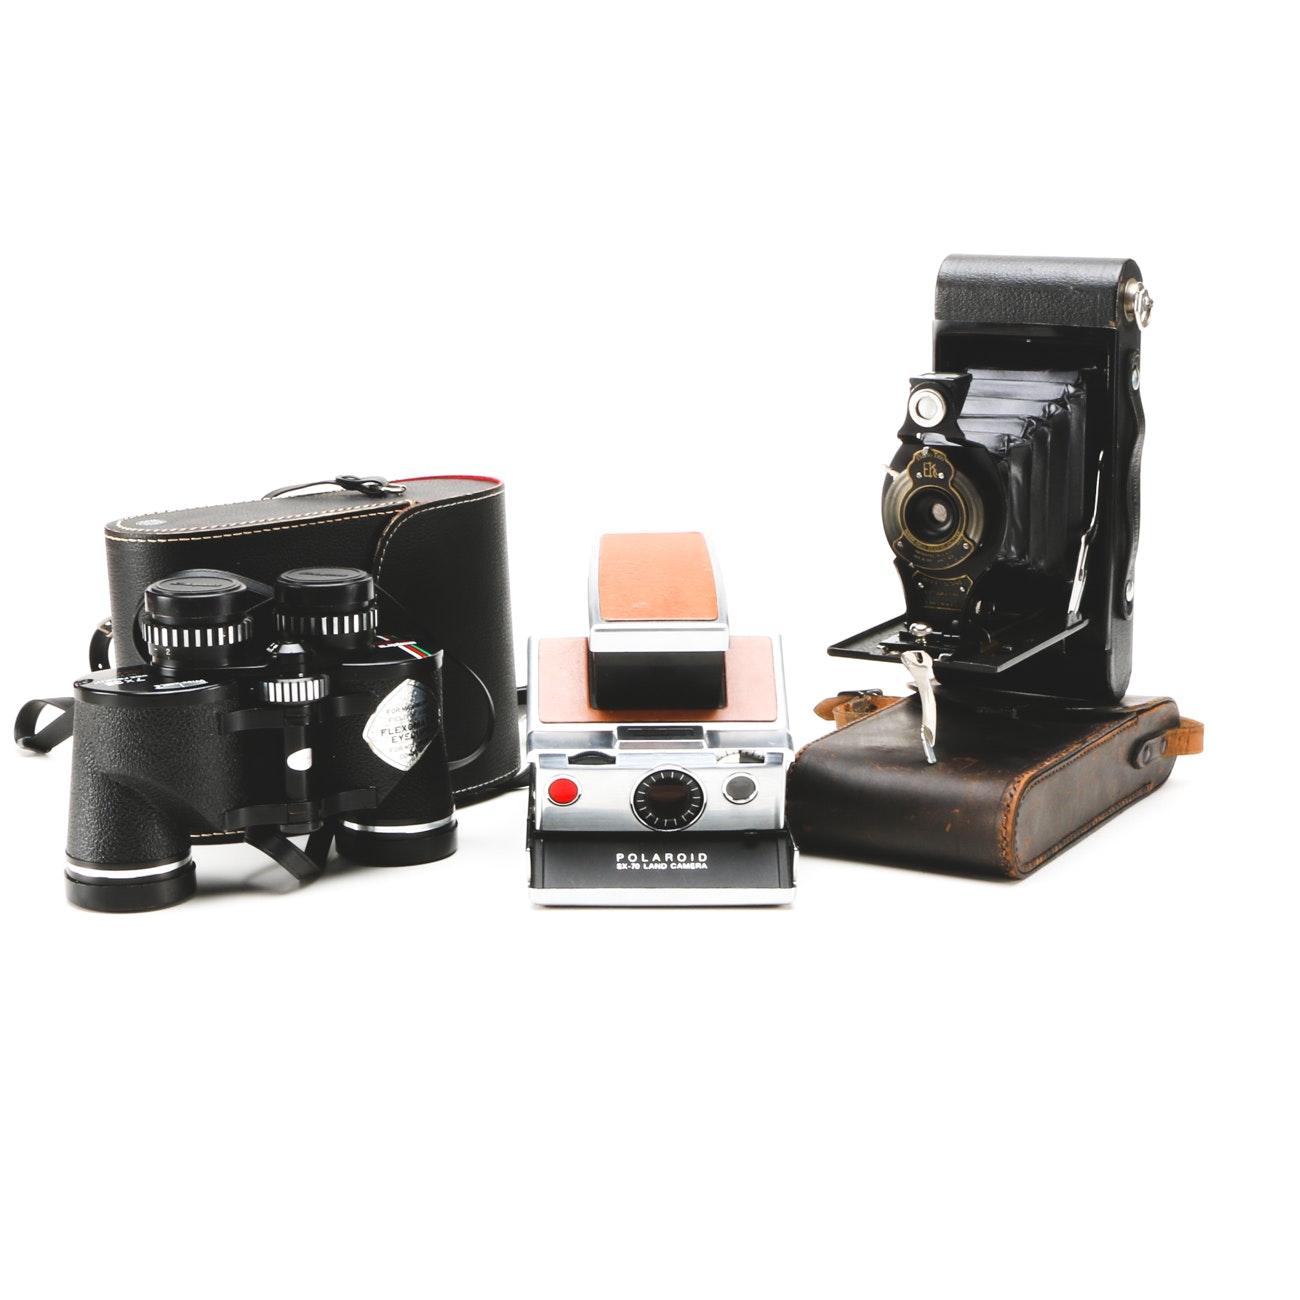 Pair of Vintage Cameras